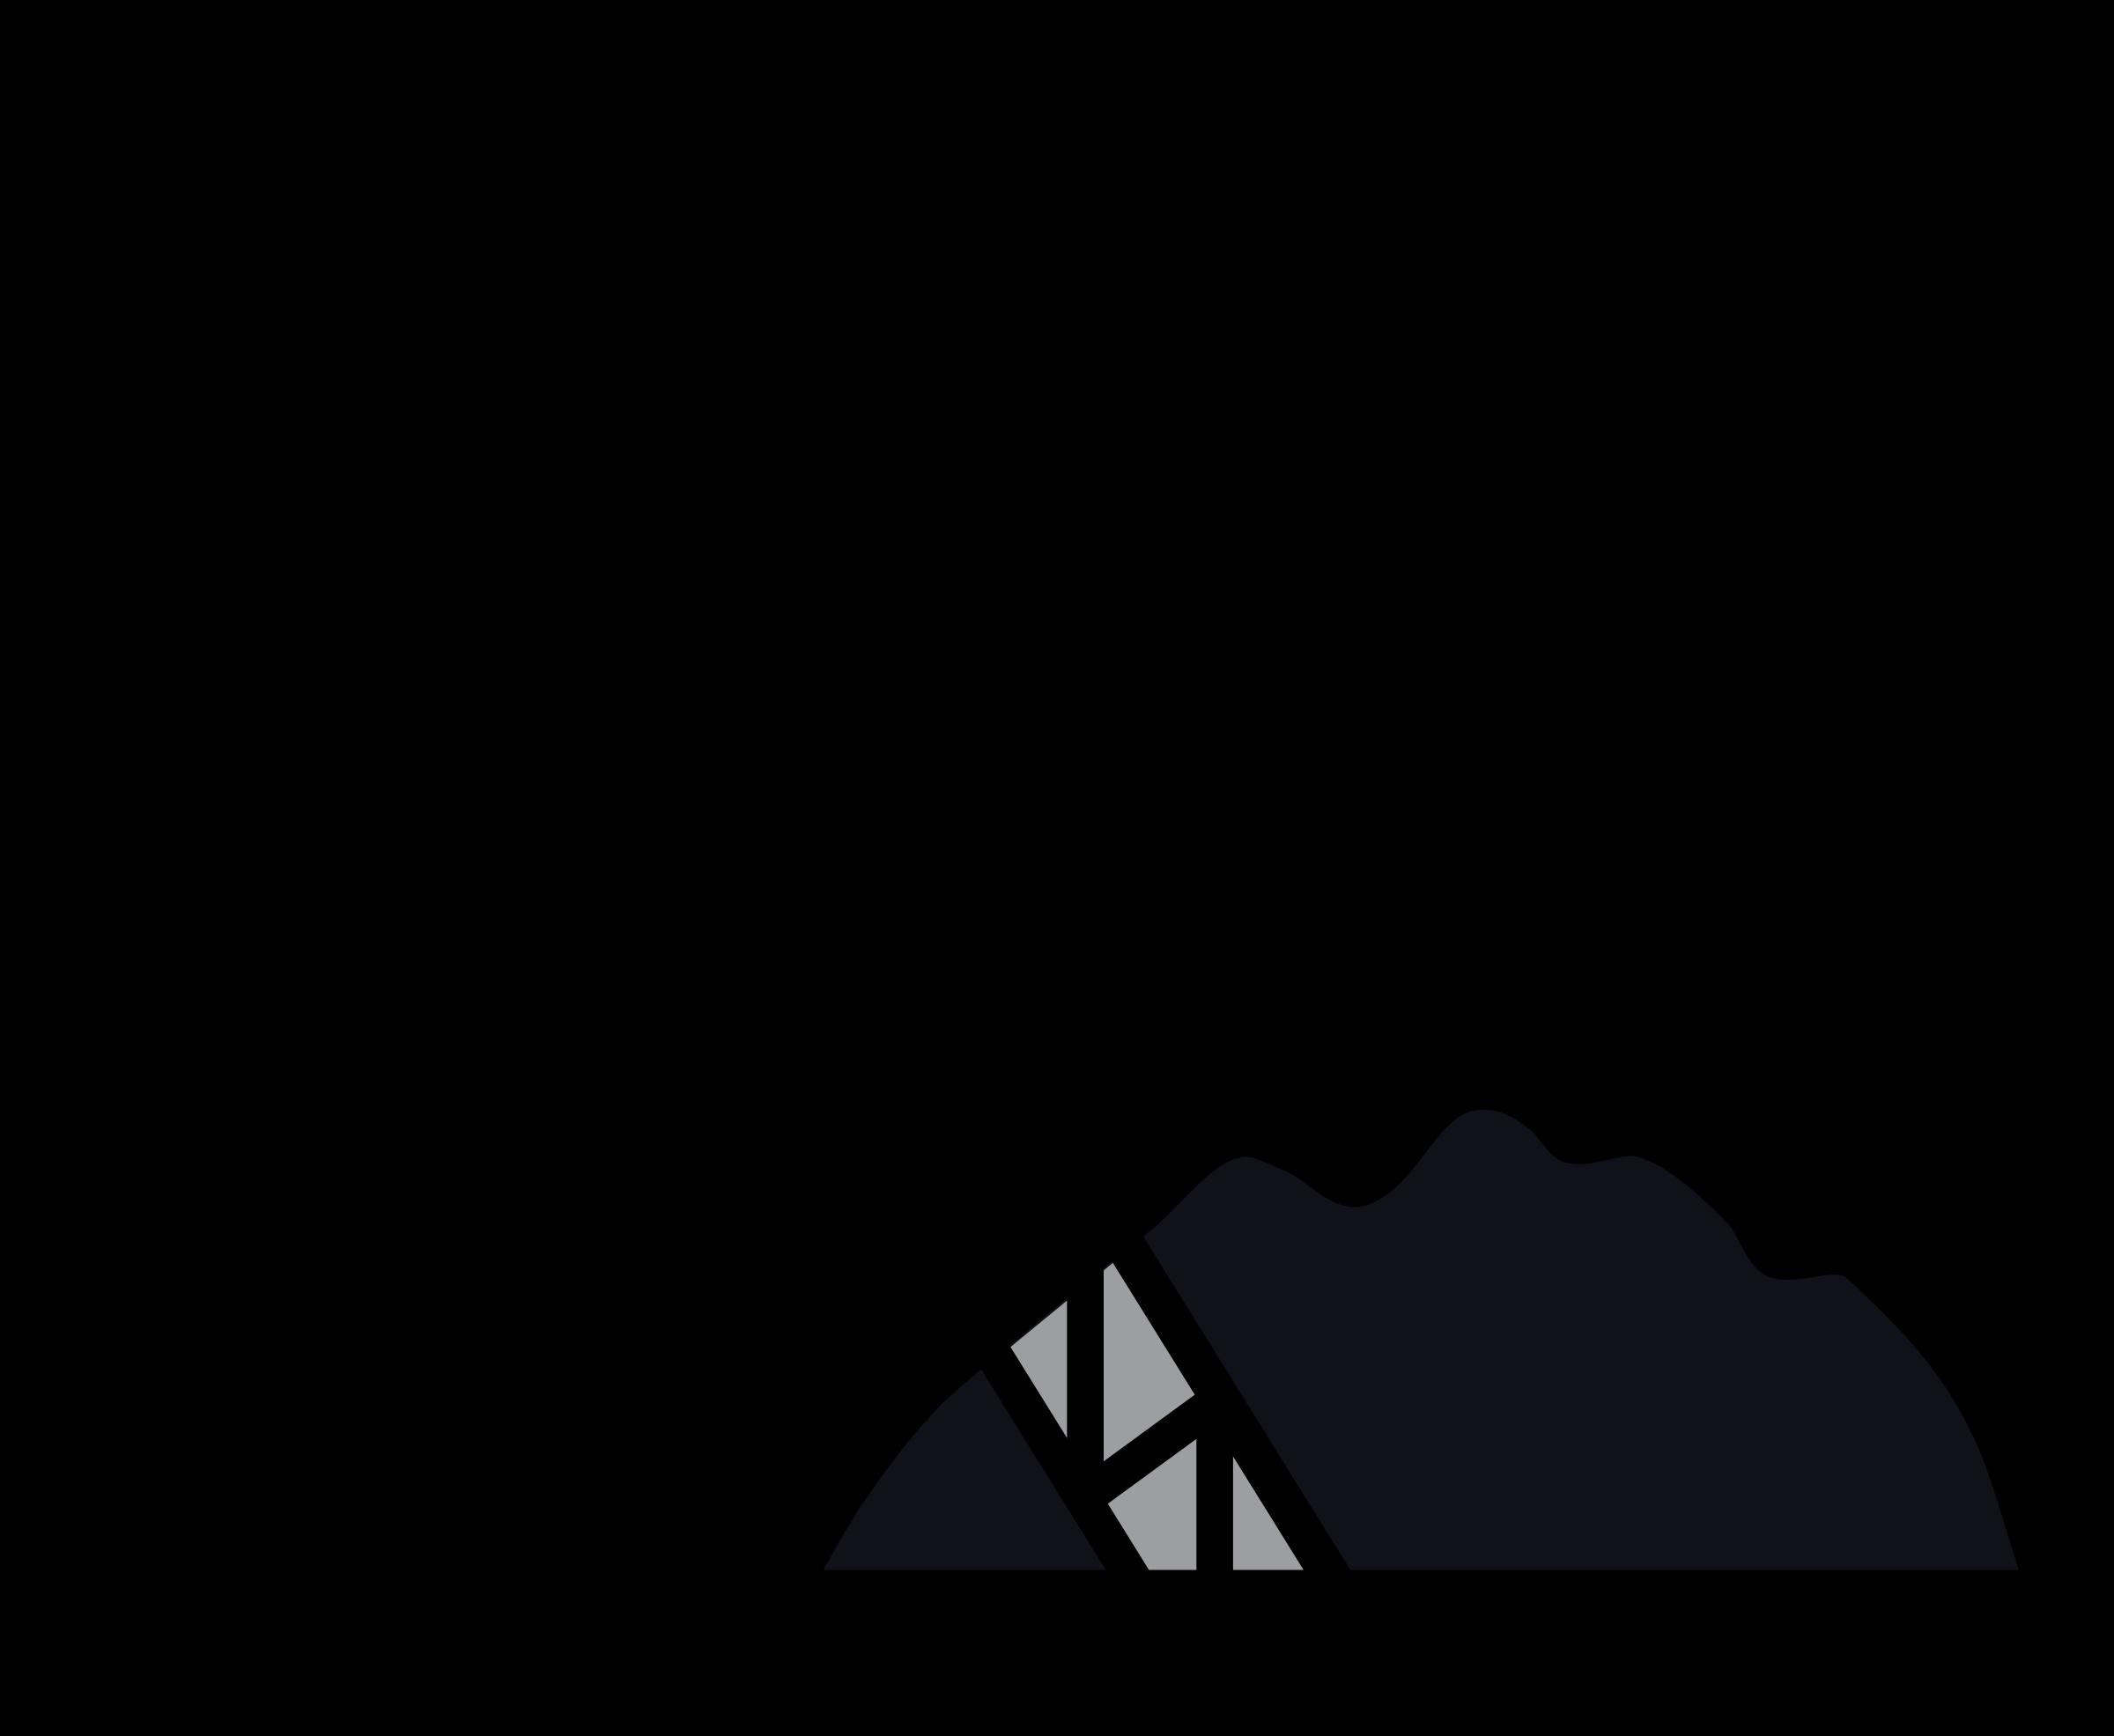 Coal clipart coal train. Mine symbol icons png